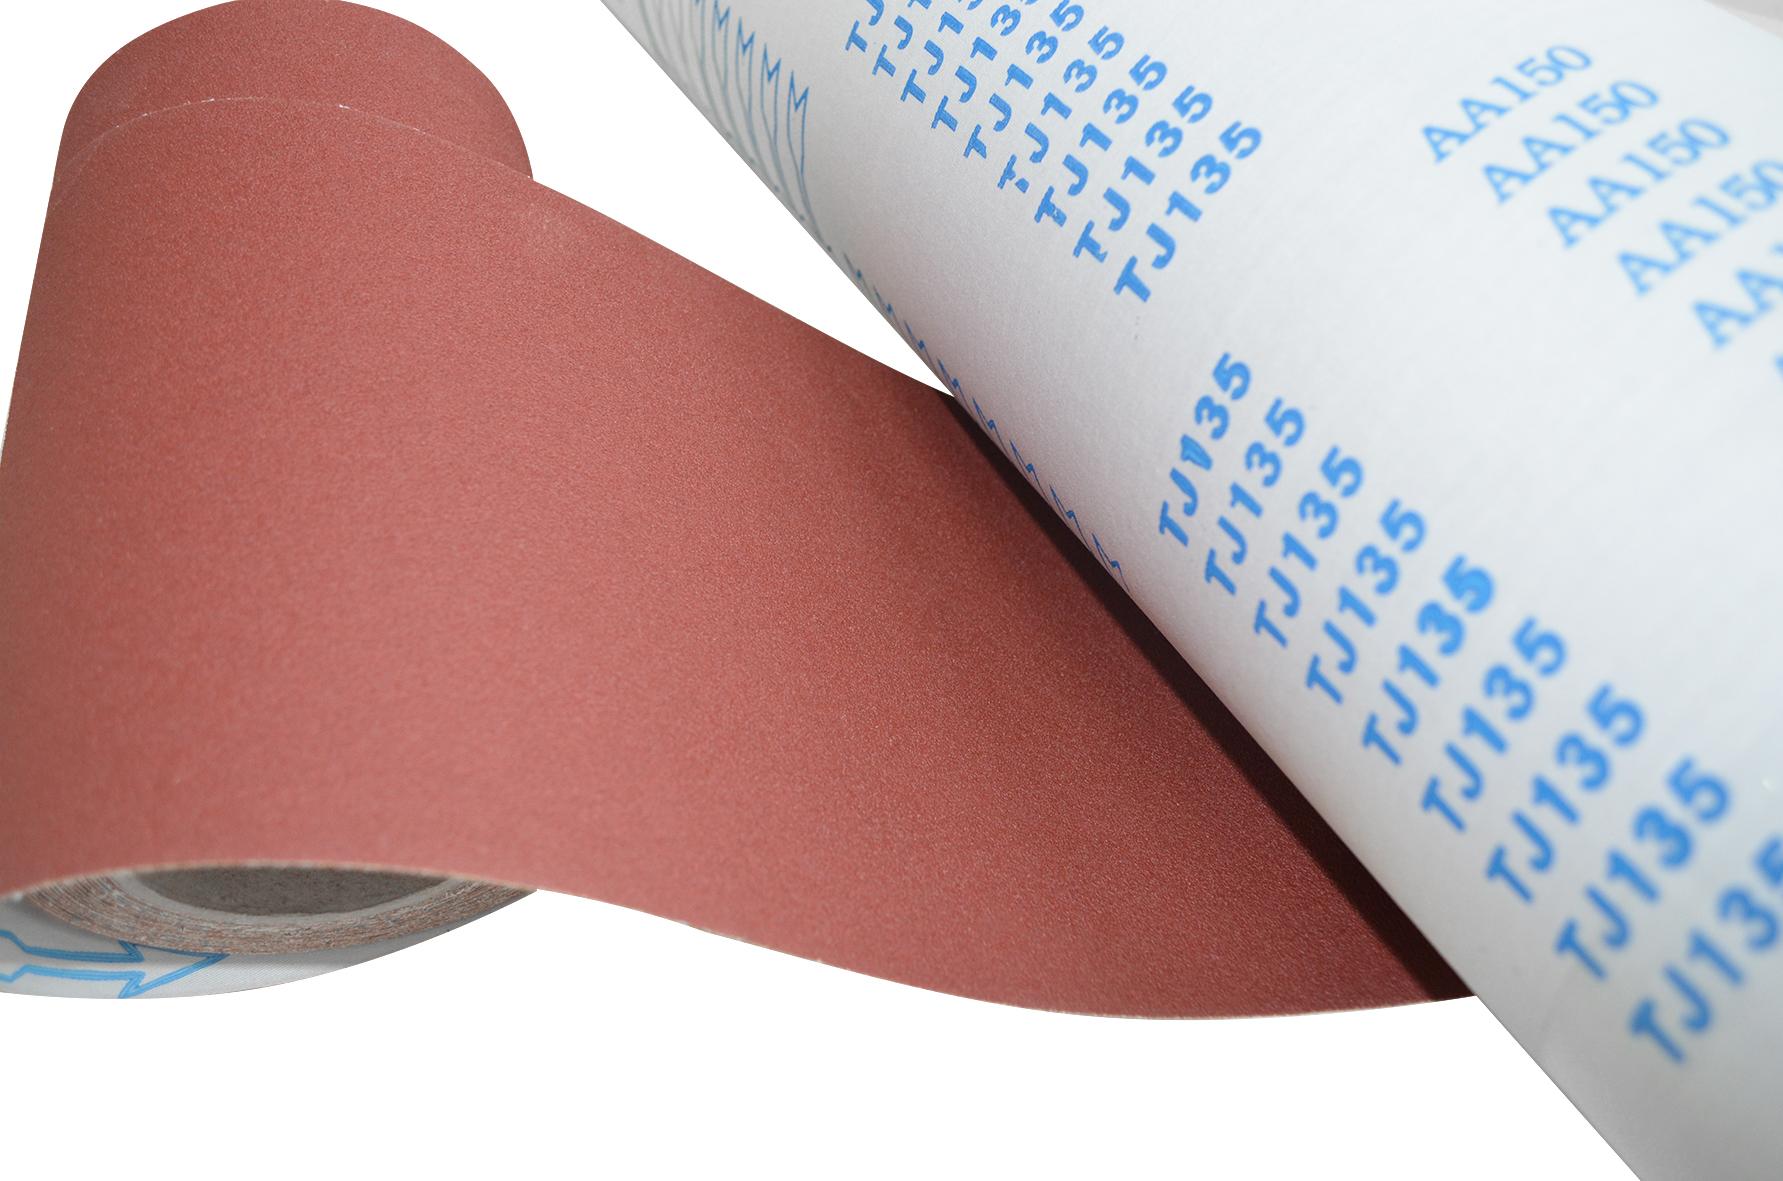 trocken schleifbar P320 KLETT 100 Schleifscheiben Schleifpapier Ø150mm nass